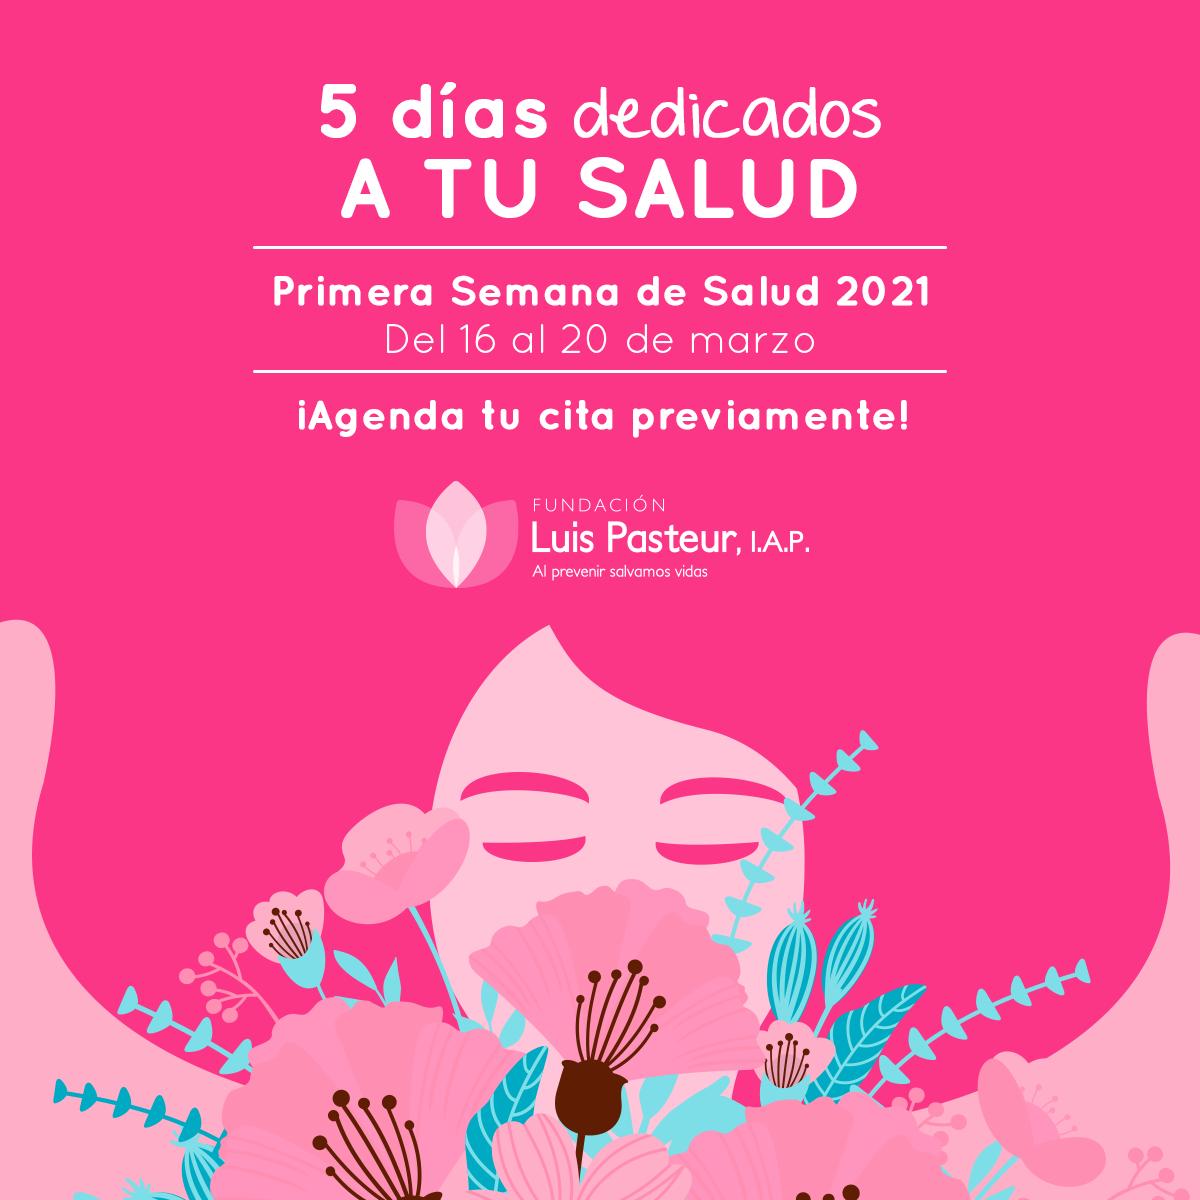 Fundación Luis Pasteur nos invita a su primera semana de Salud 2021